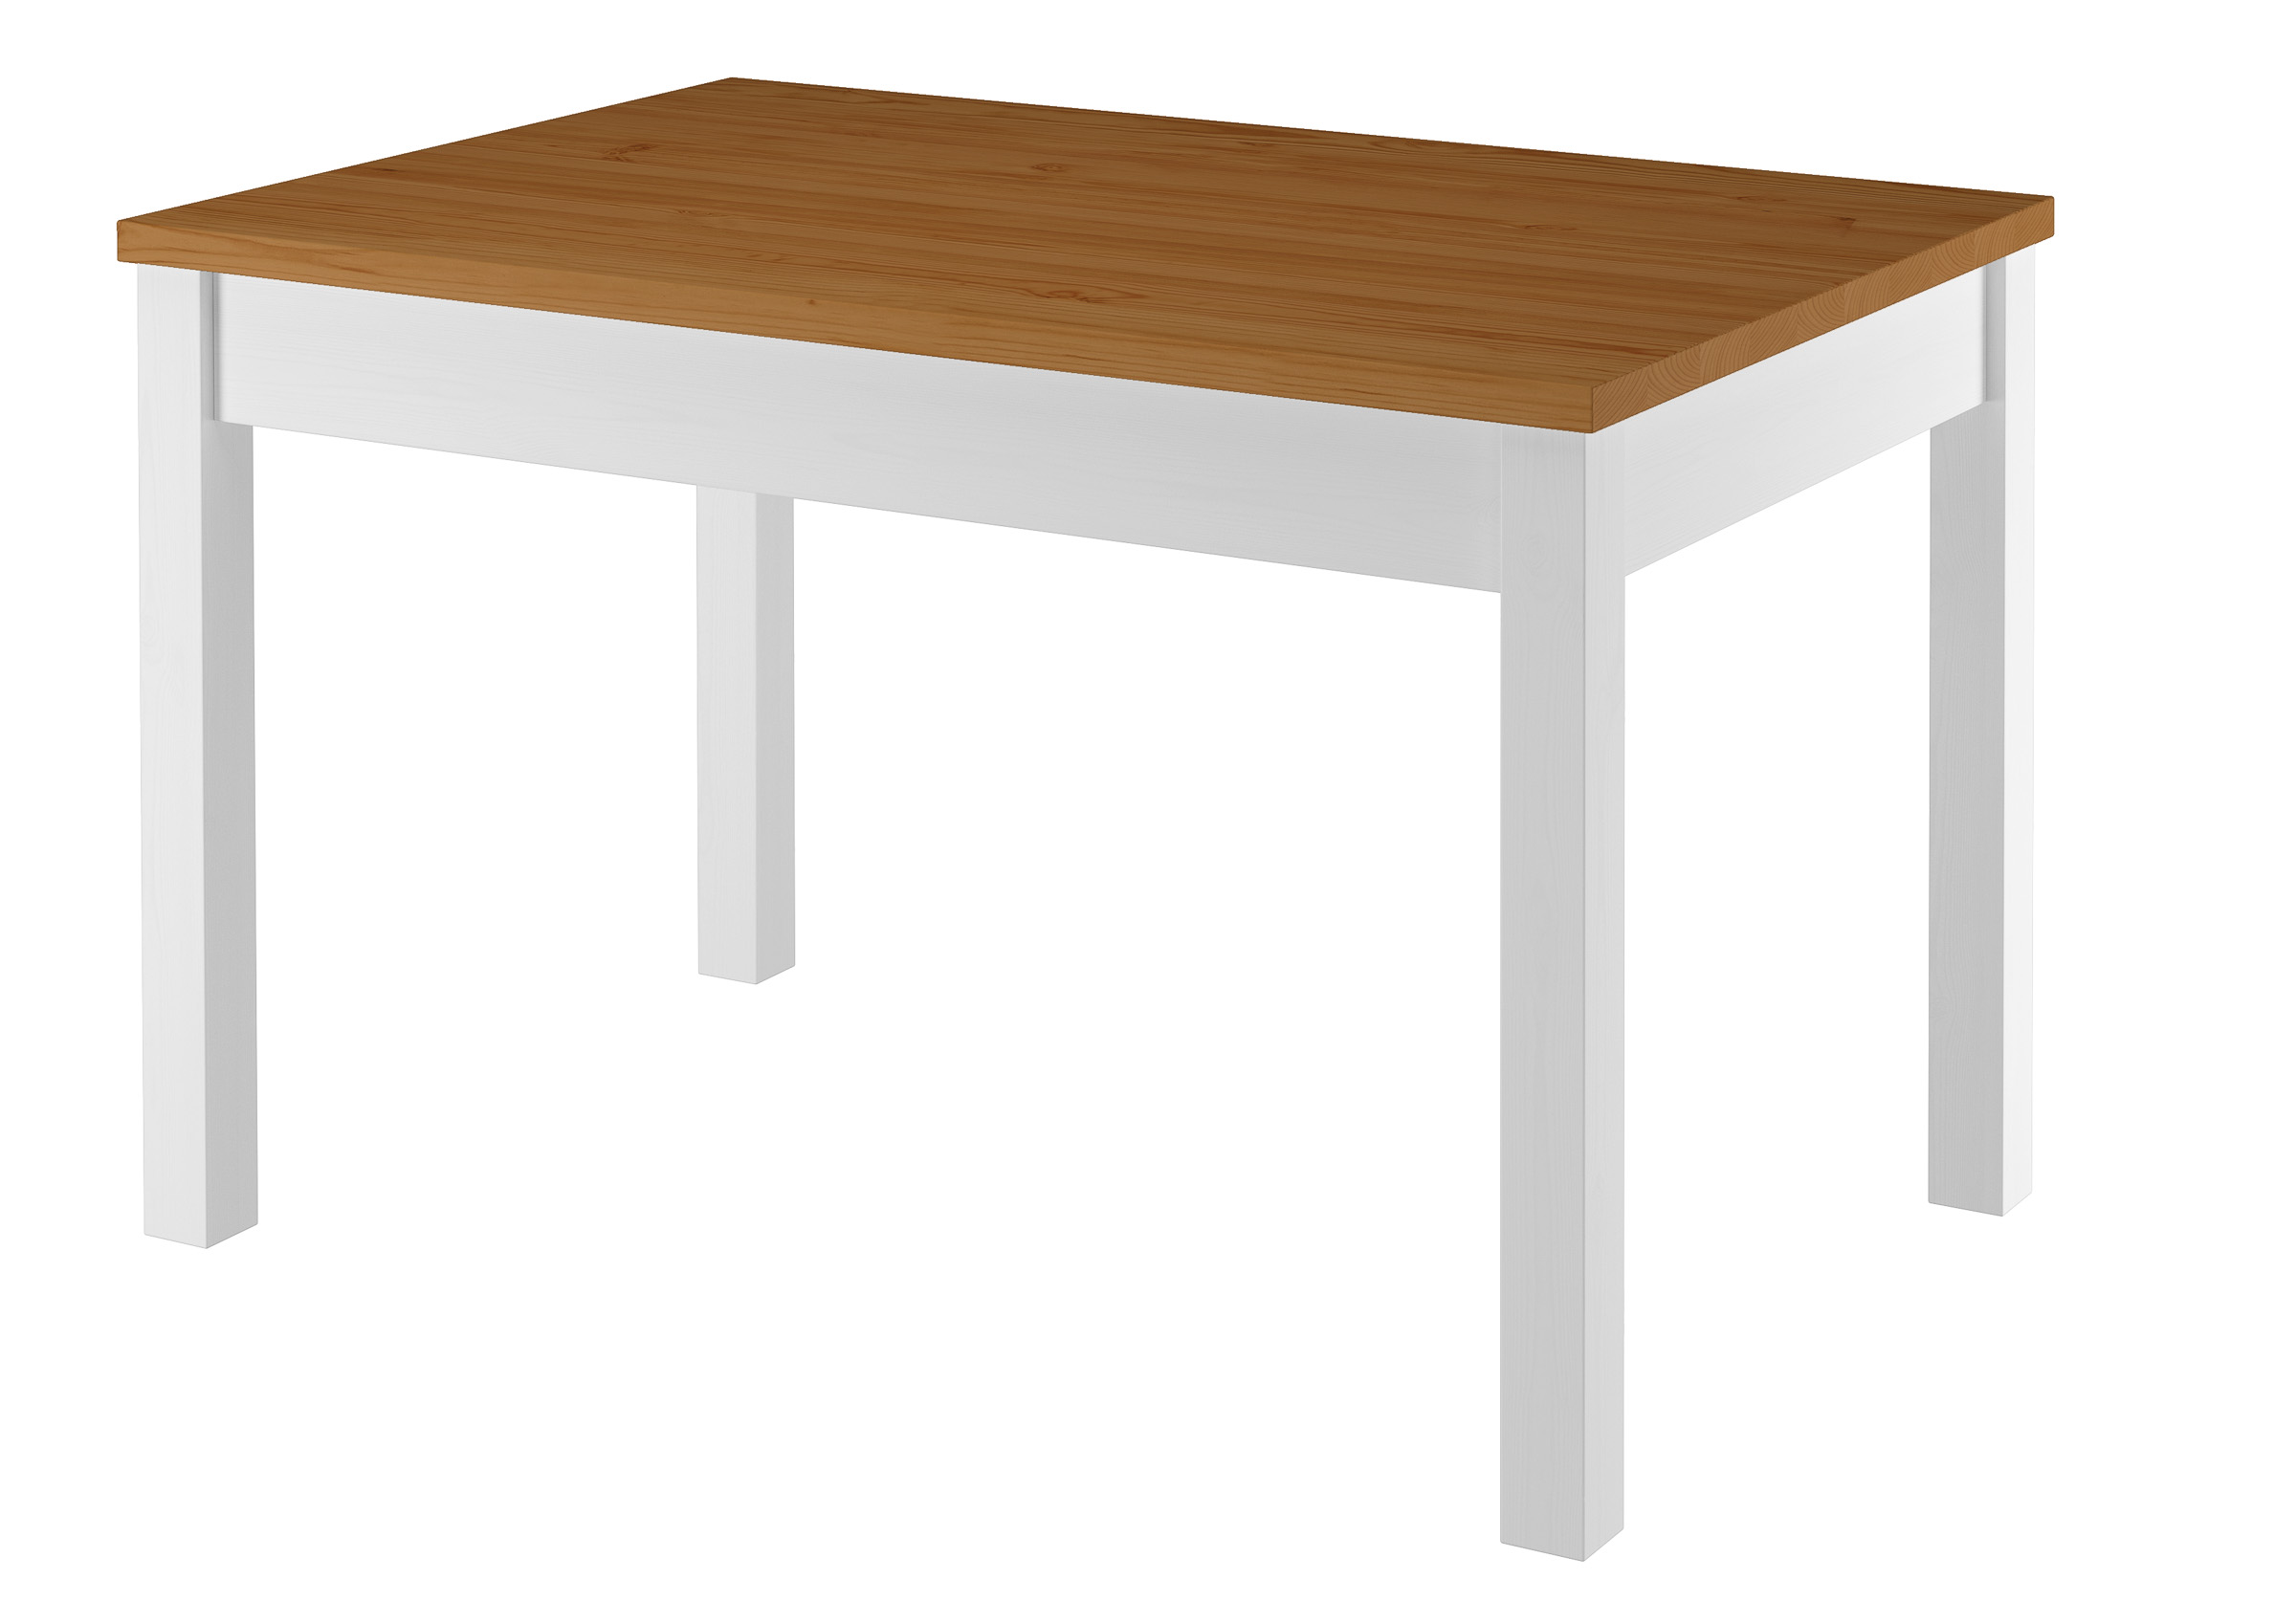 Zweifarbiger Tisch 80x120 Esstisch Tischplatte Eichefarben Weisse Beine Massivholz 90 70 51 Ae Tische Tische Stuhle Mobel Erst Holz